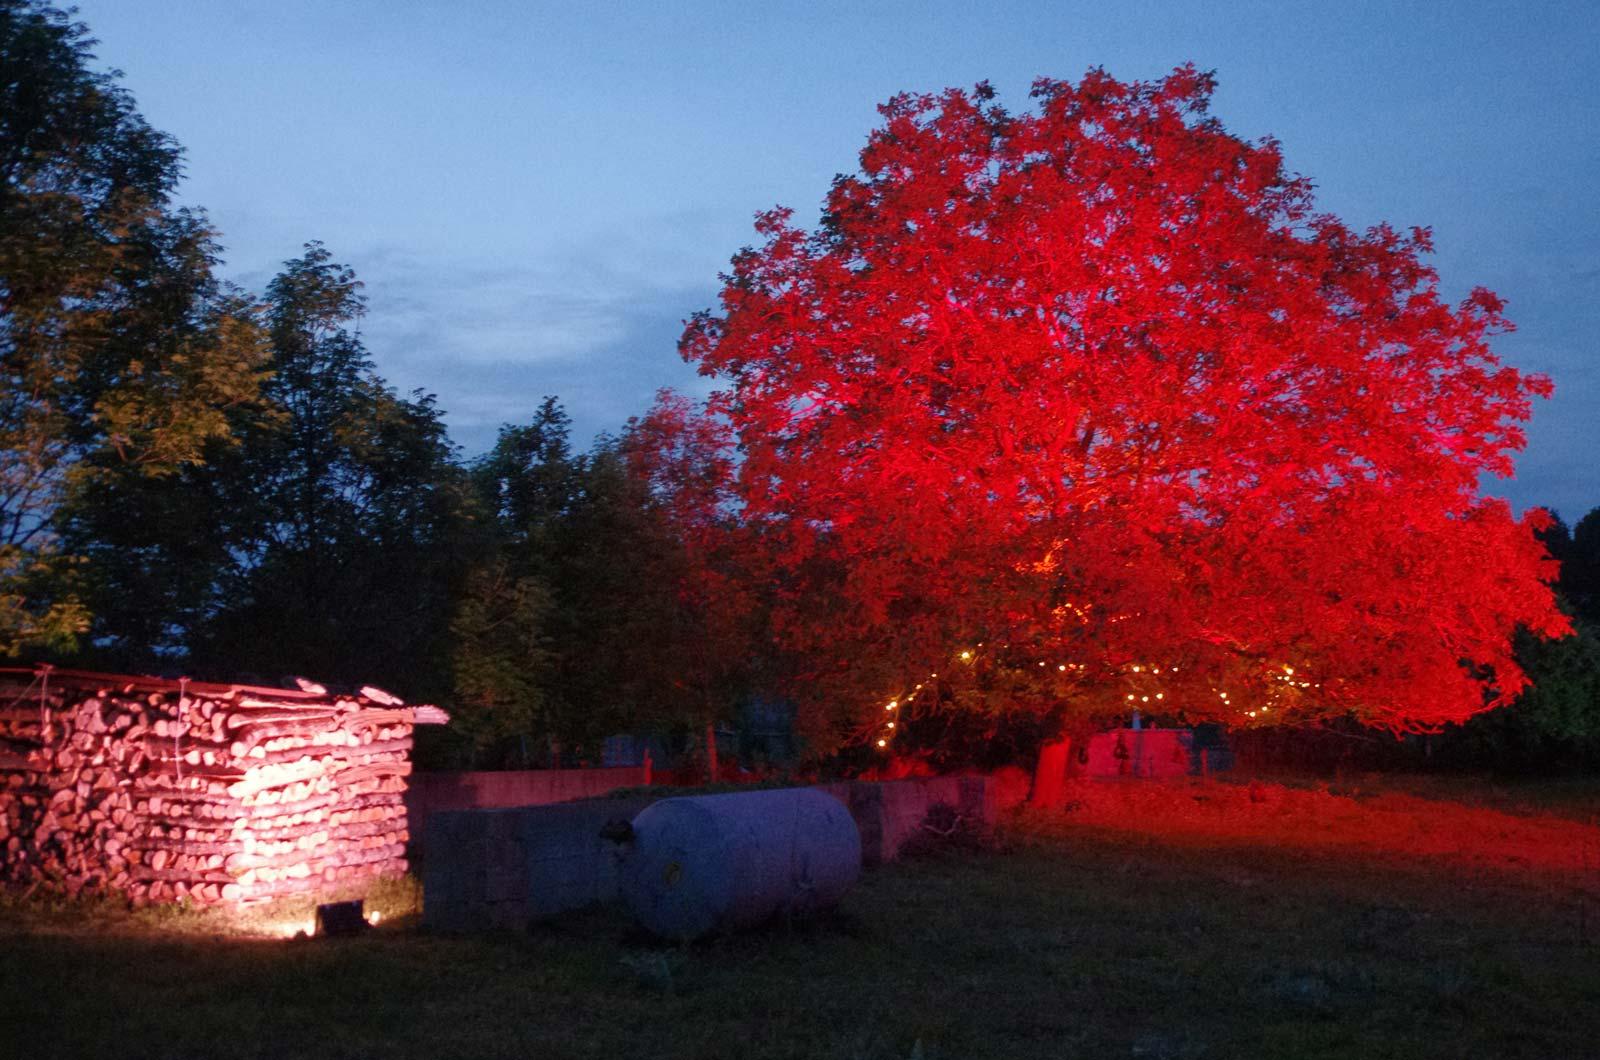 Les illuminations de Cigogne en fête s'associent pour mettre en valeur le site de forage